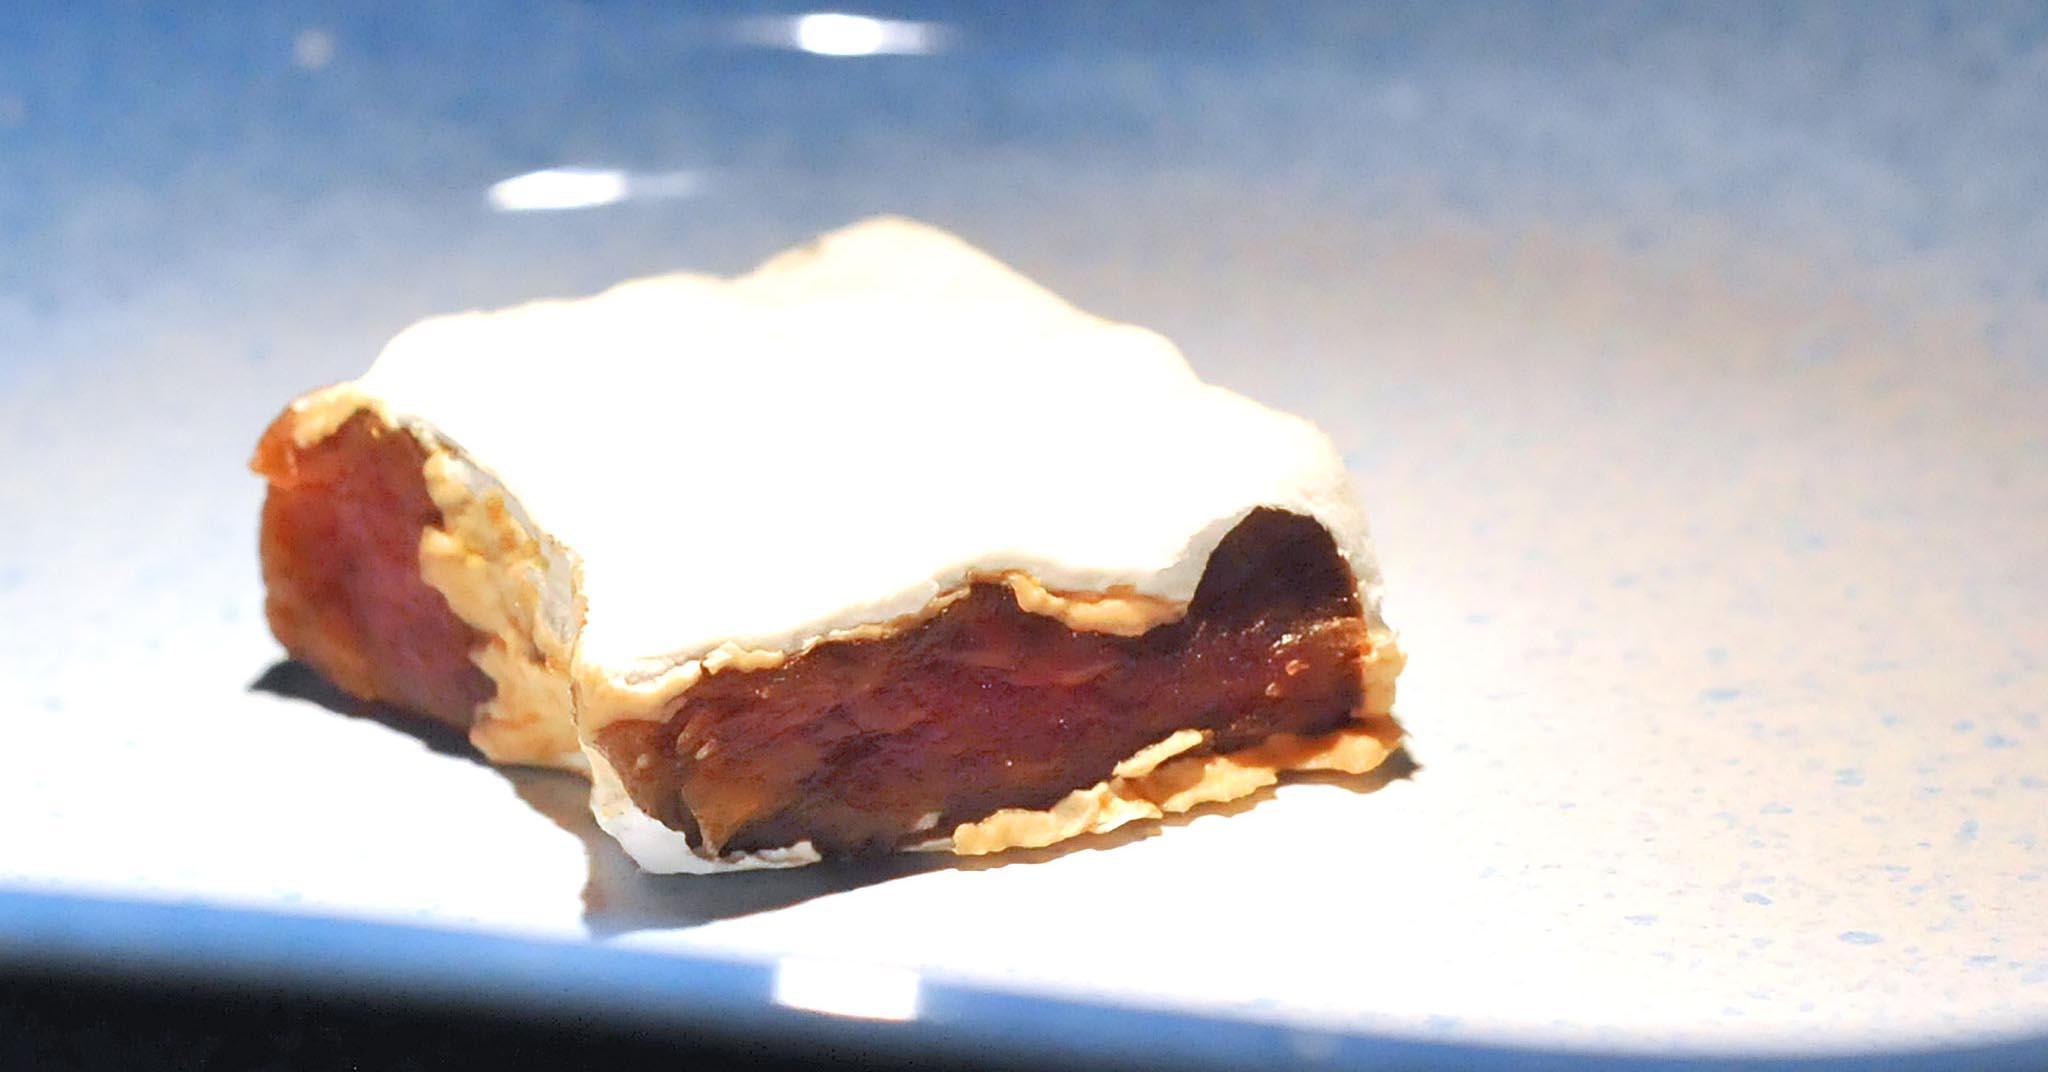 Da Aqua Crua Per Assaggiare La Carne Con La Muffa Che Sembra Un Brie